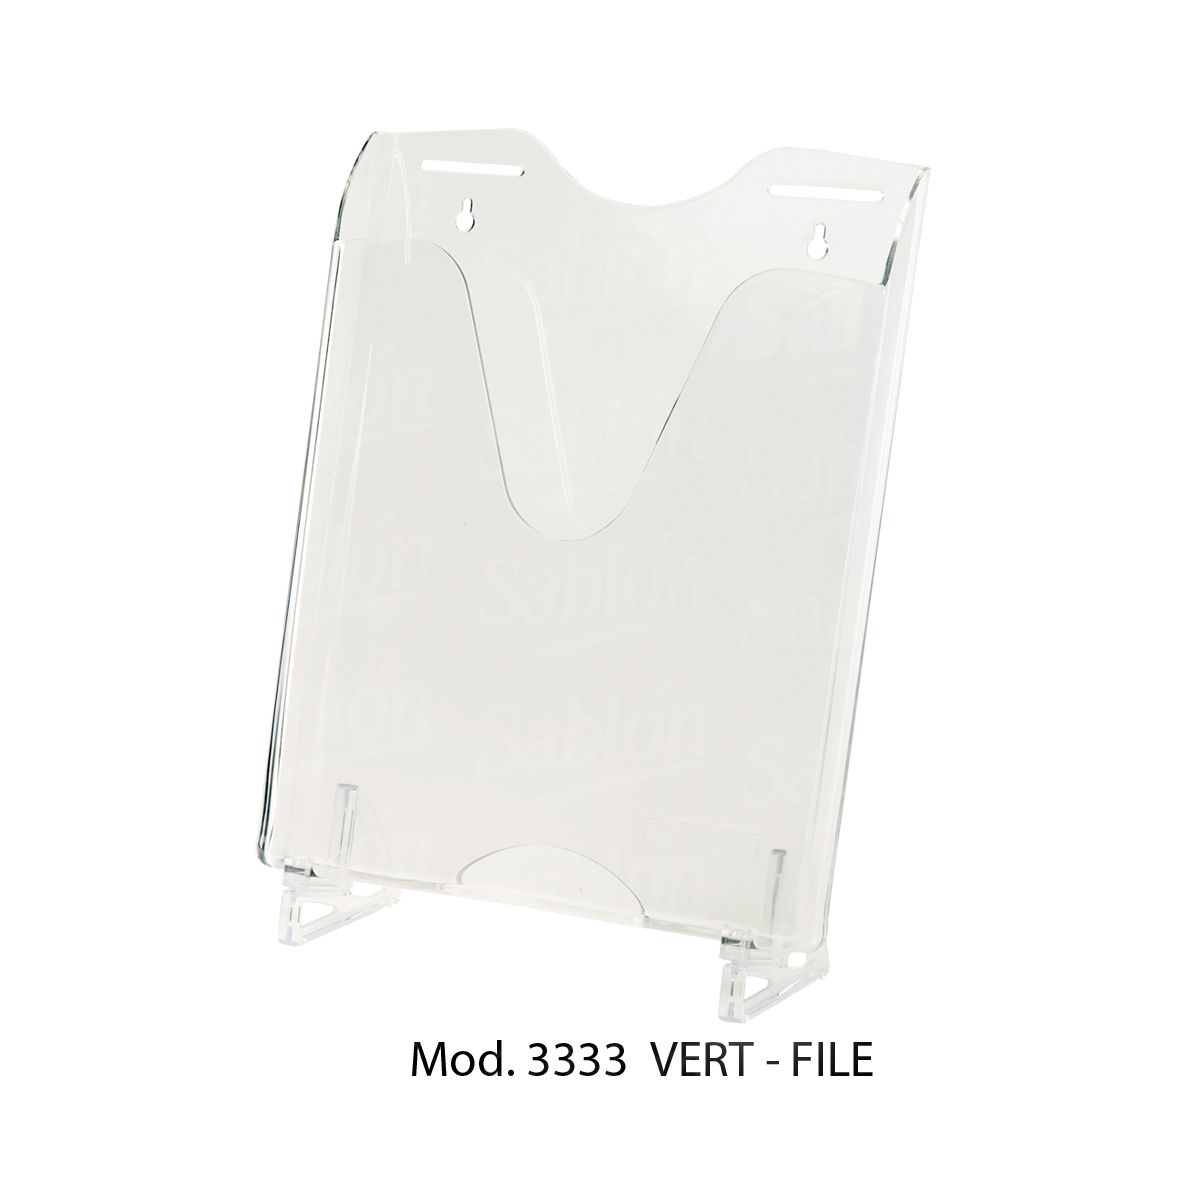 verti file cristal organizacion de documentos mod 3333